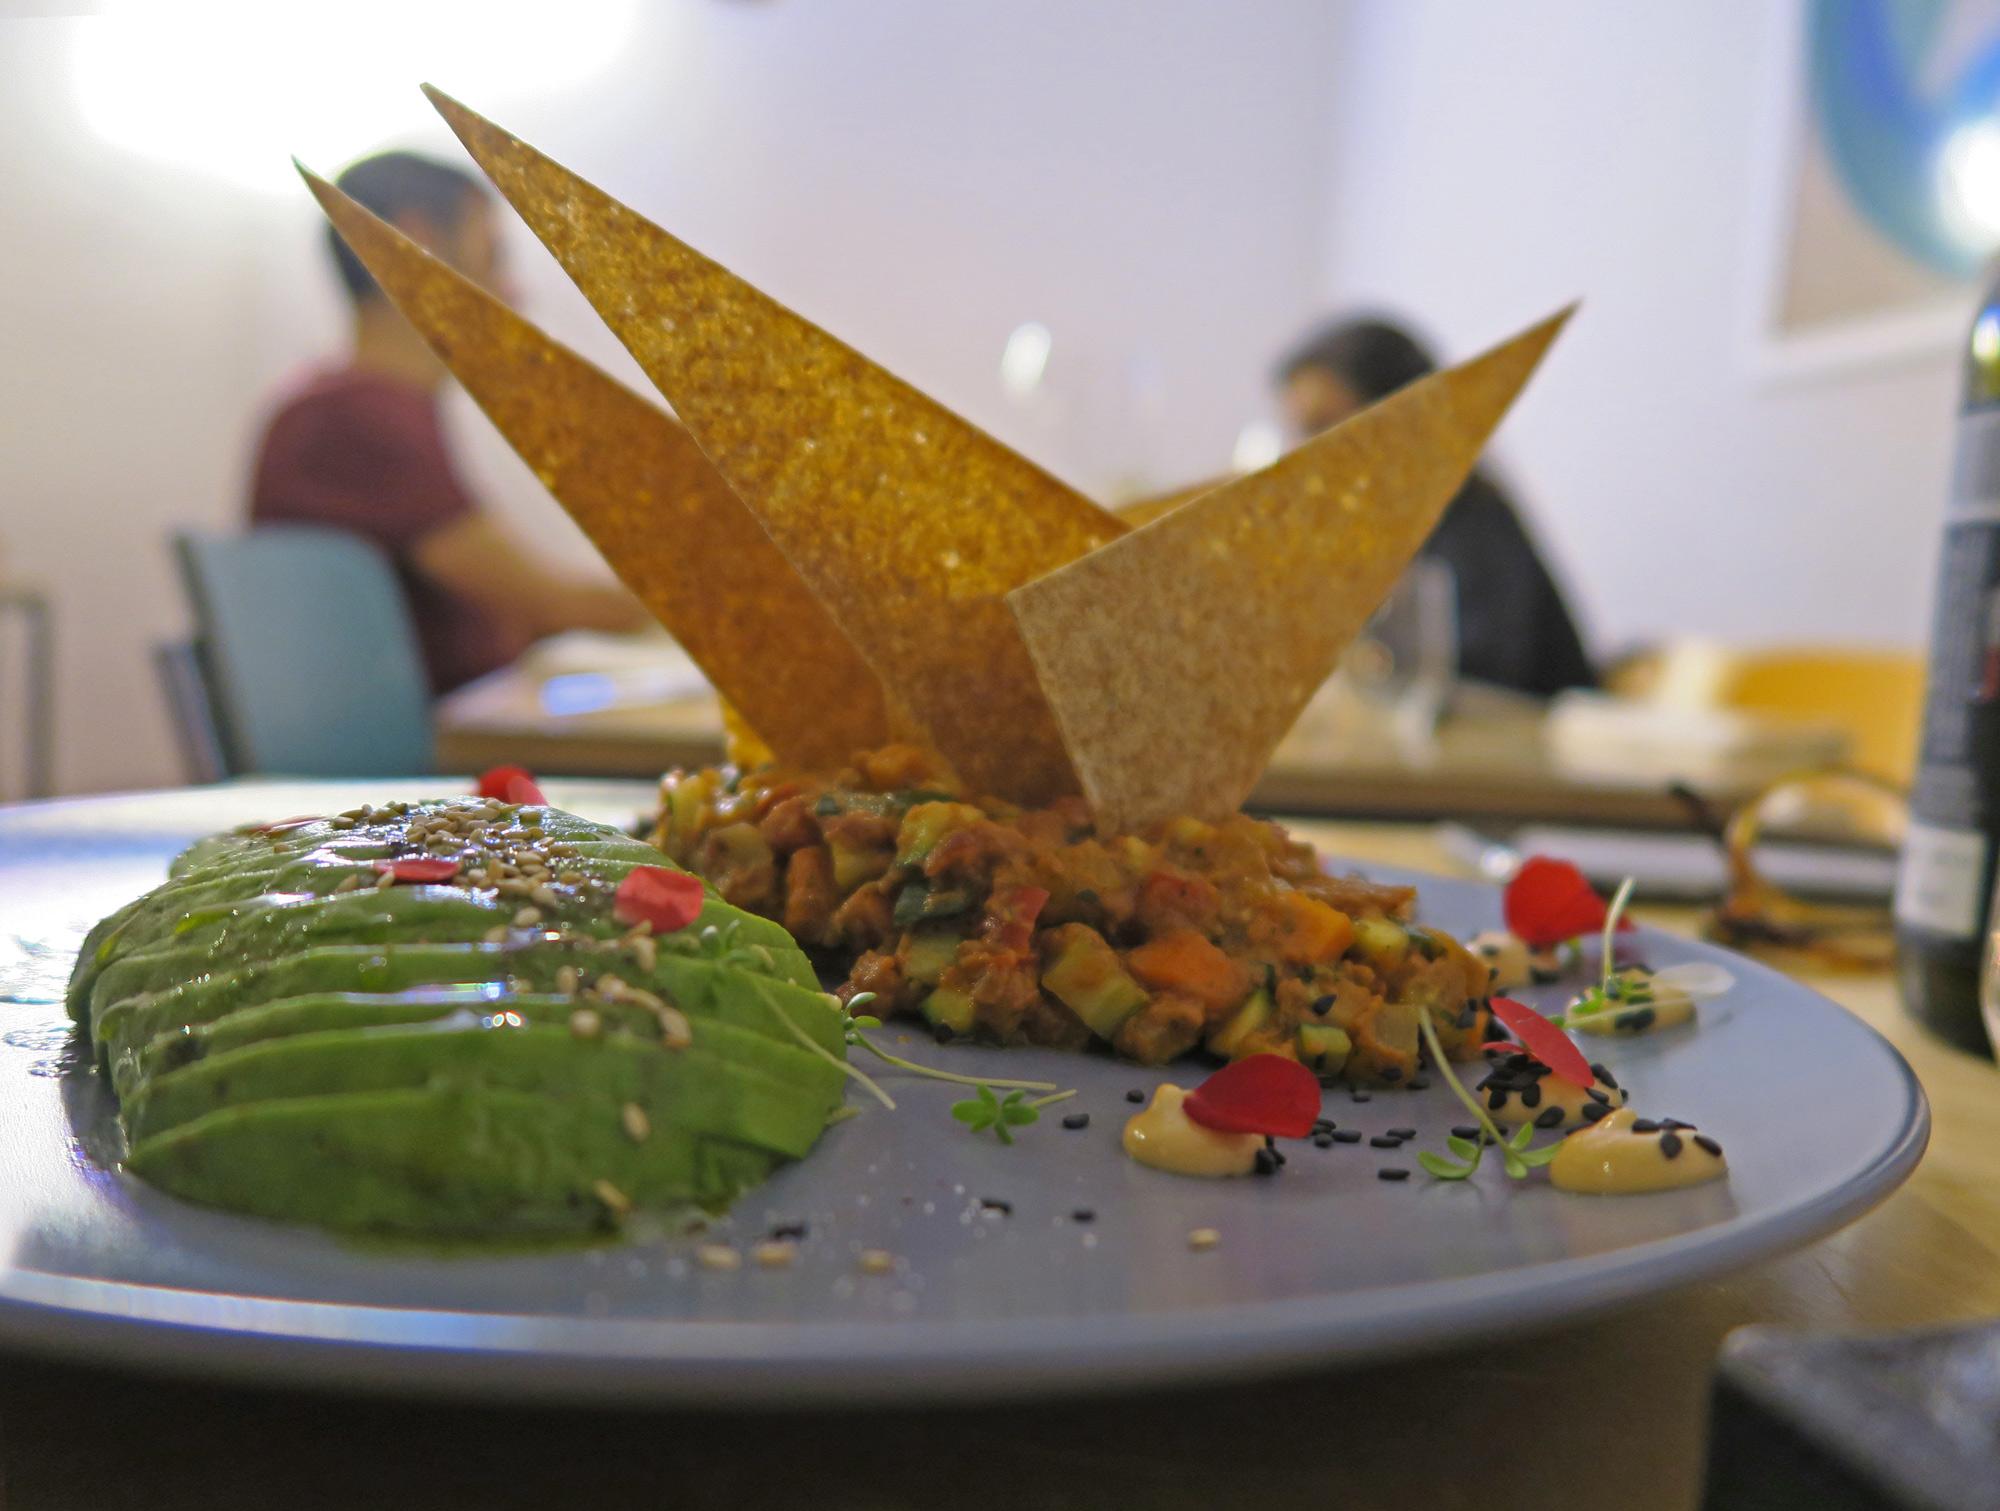 NACH, nachos con chili di verdure crude e avocado -ristorante Mantra raw vegan   ©foto Sandra Longinotti